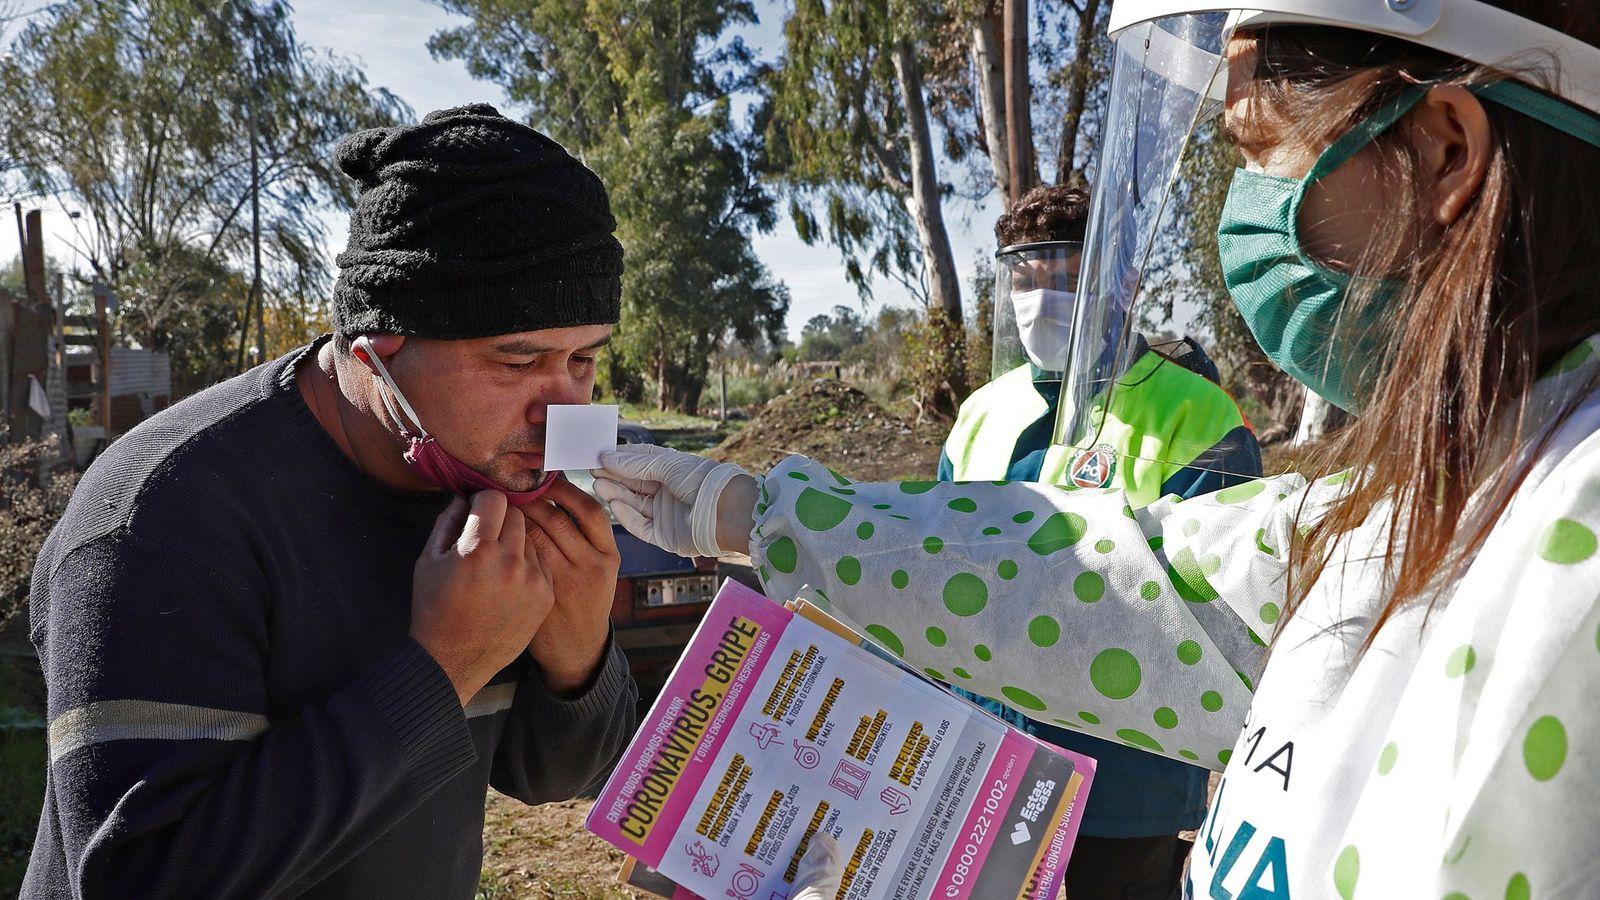 Profissional de saúde realiza teste olfativo para monitorar a perda de olfato em um morador do ...